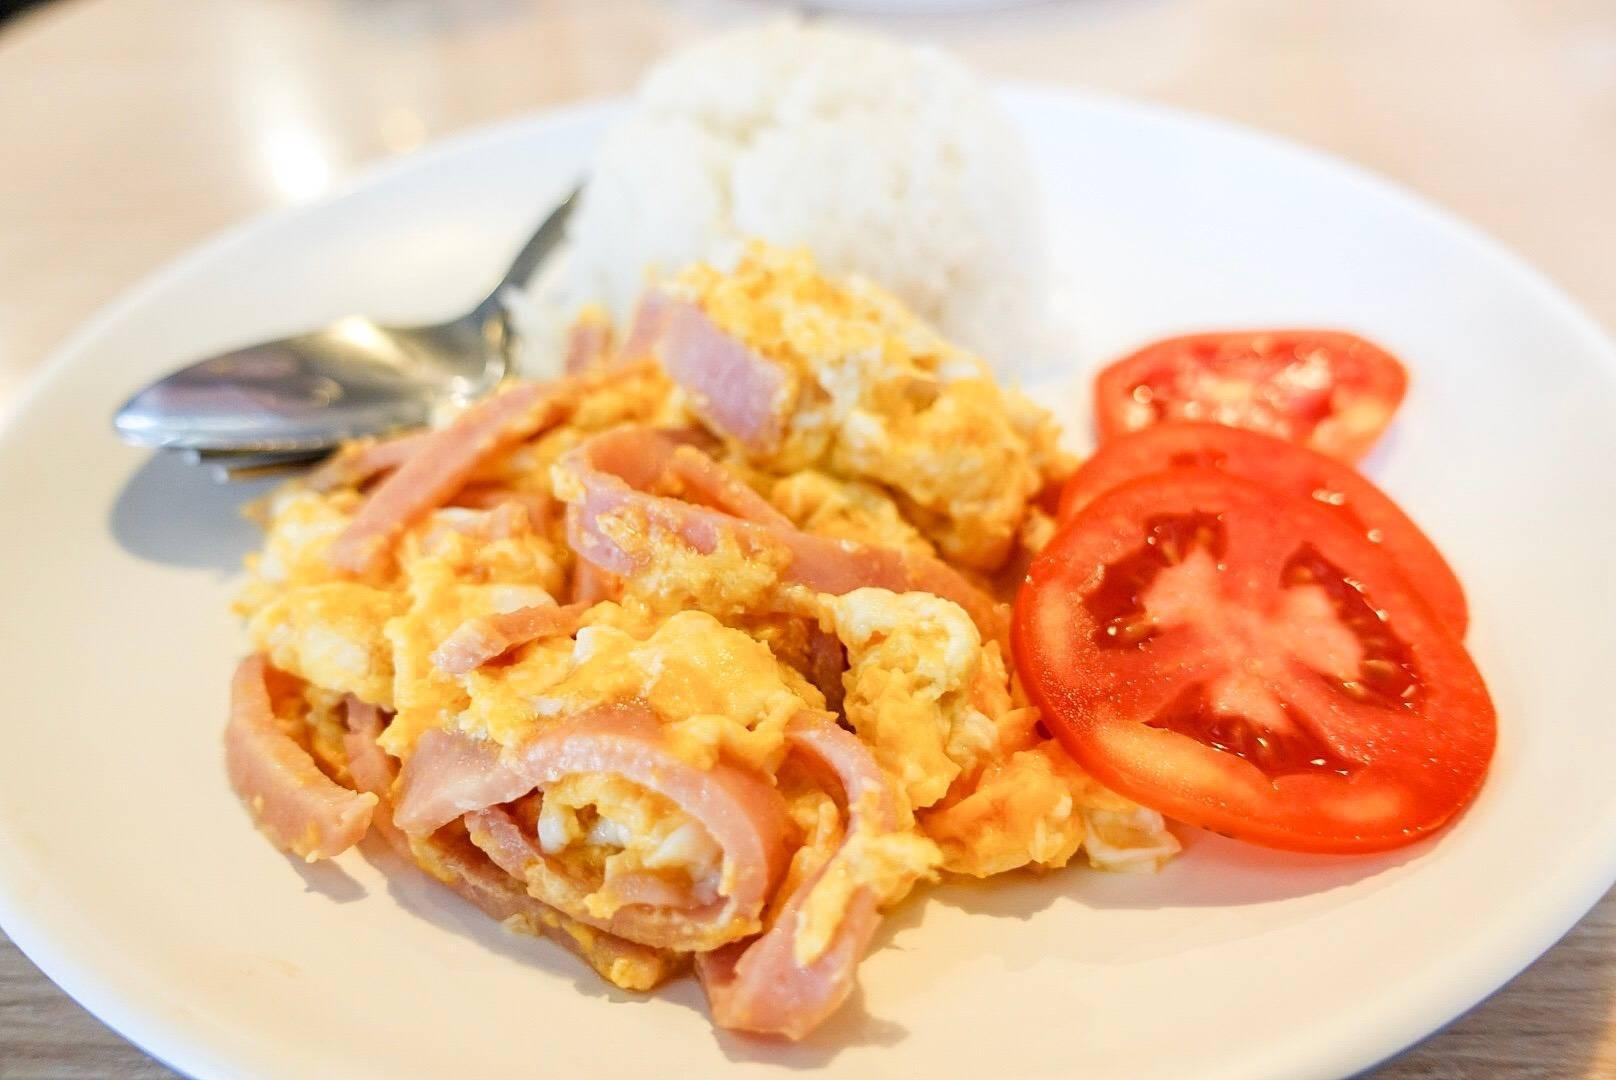 ข้าวไข่ขยี้แฮม (69THB)